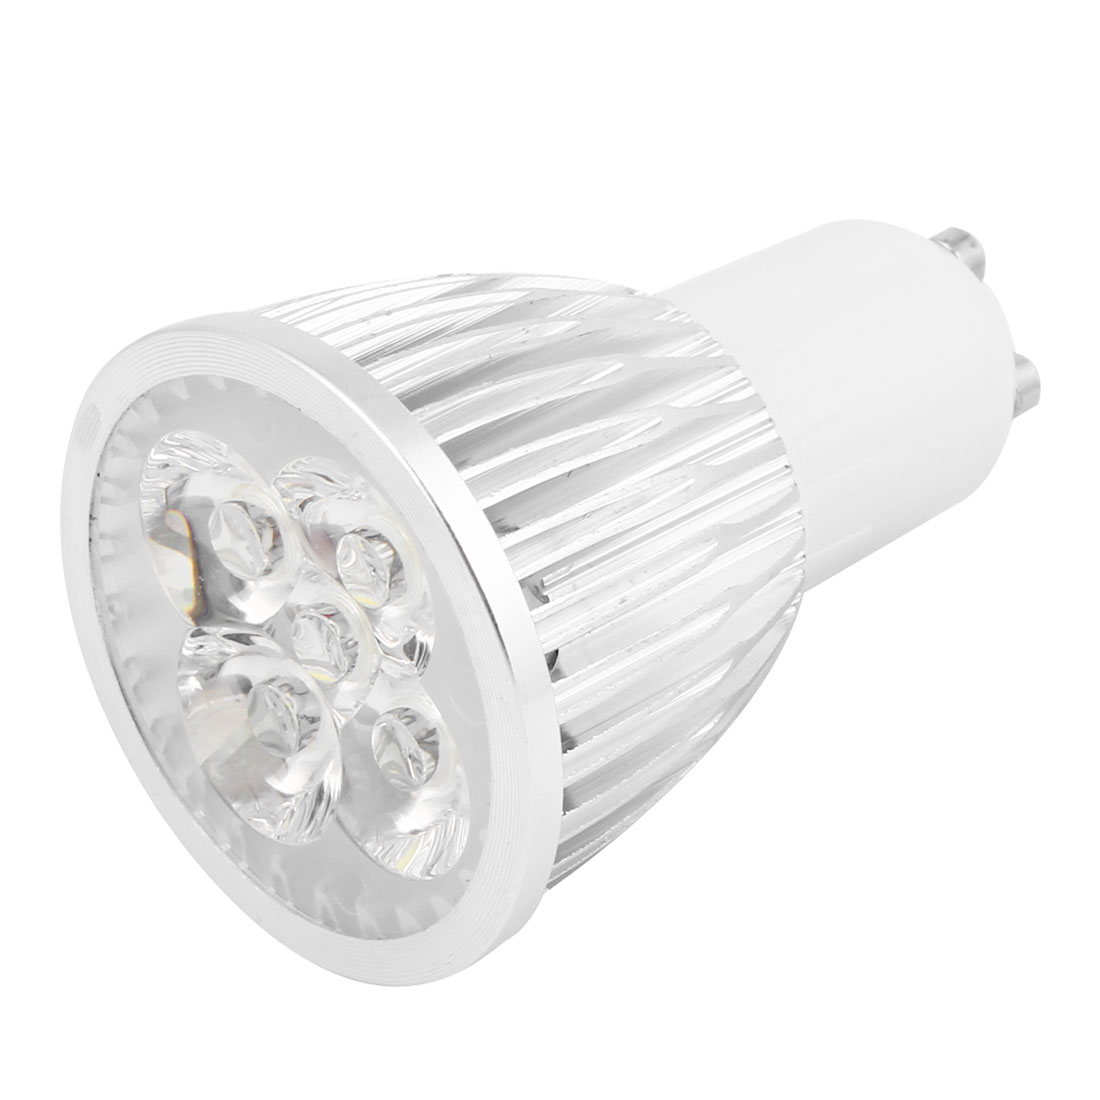 Energy Saving GU10 White LED Spotlight Light Lamp Bulb AC 85-265V 5W